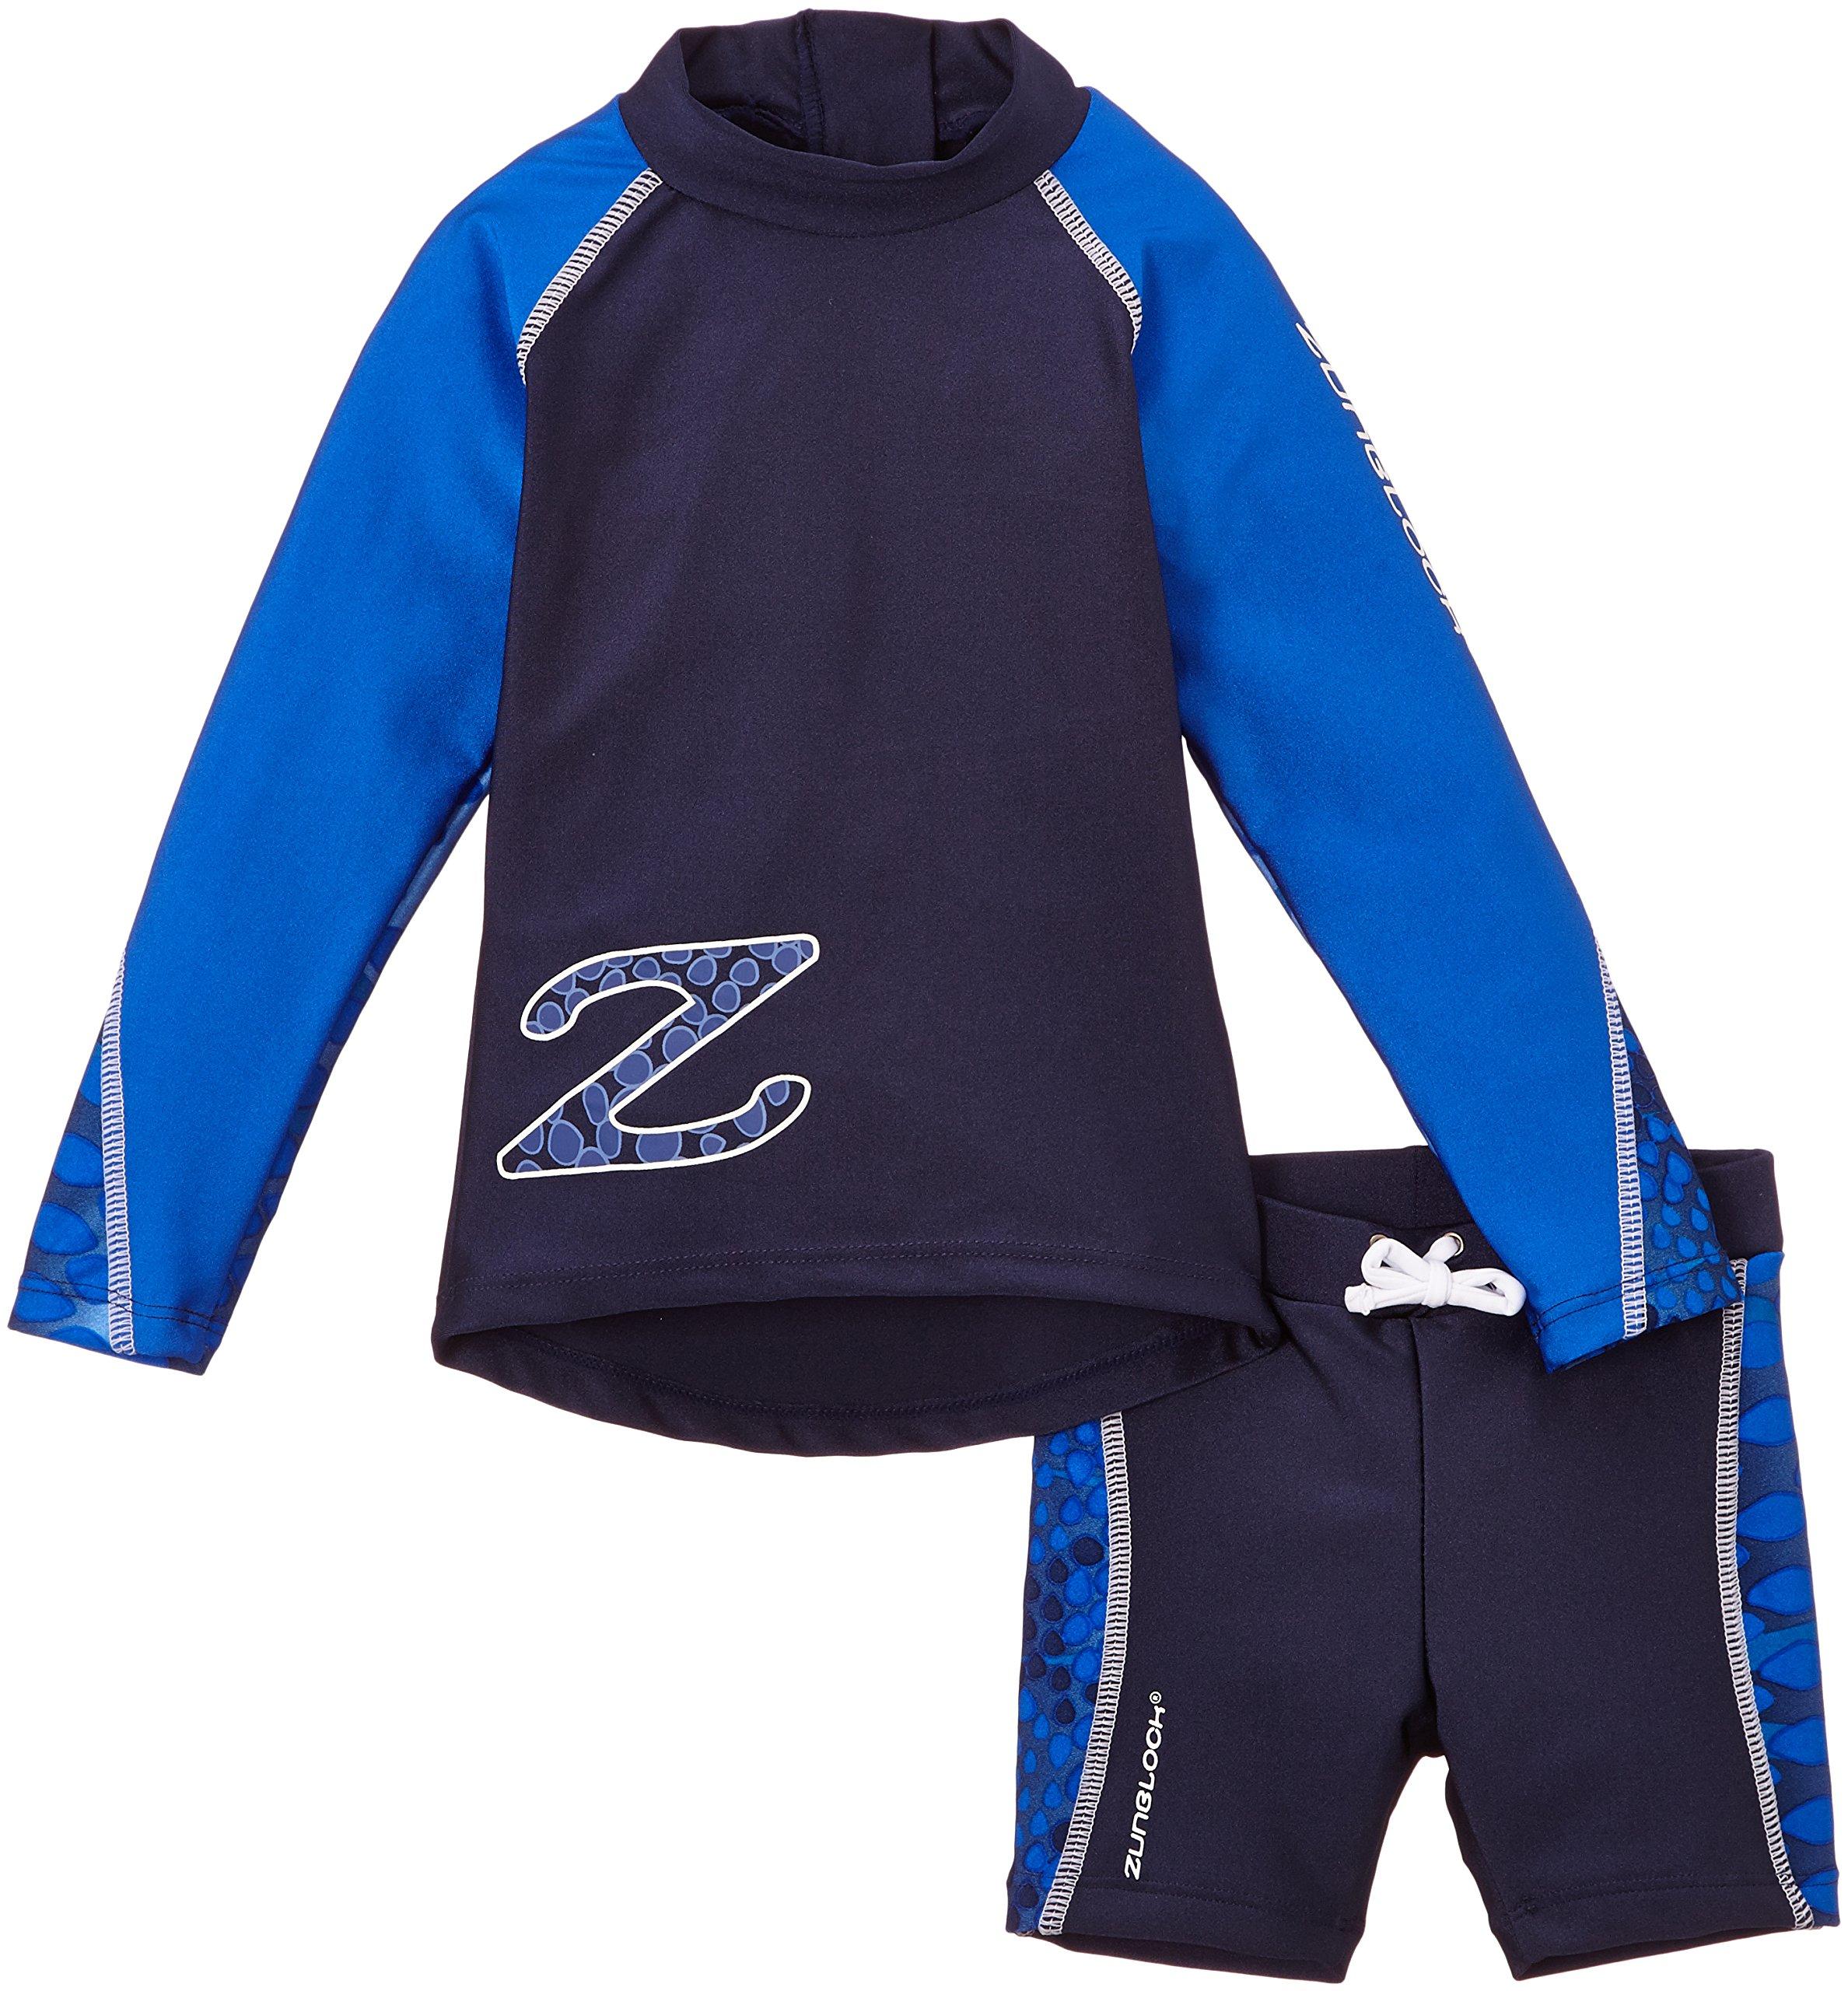 Zunblock Snake Tuta di protezione solare per bambini, a maniche lunghe e con pantaloncini, Blu, 74/8